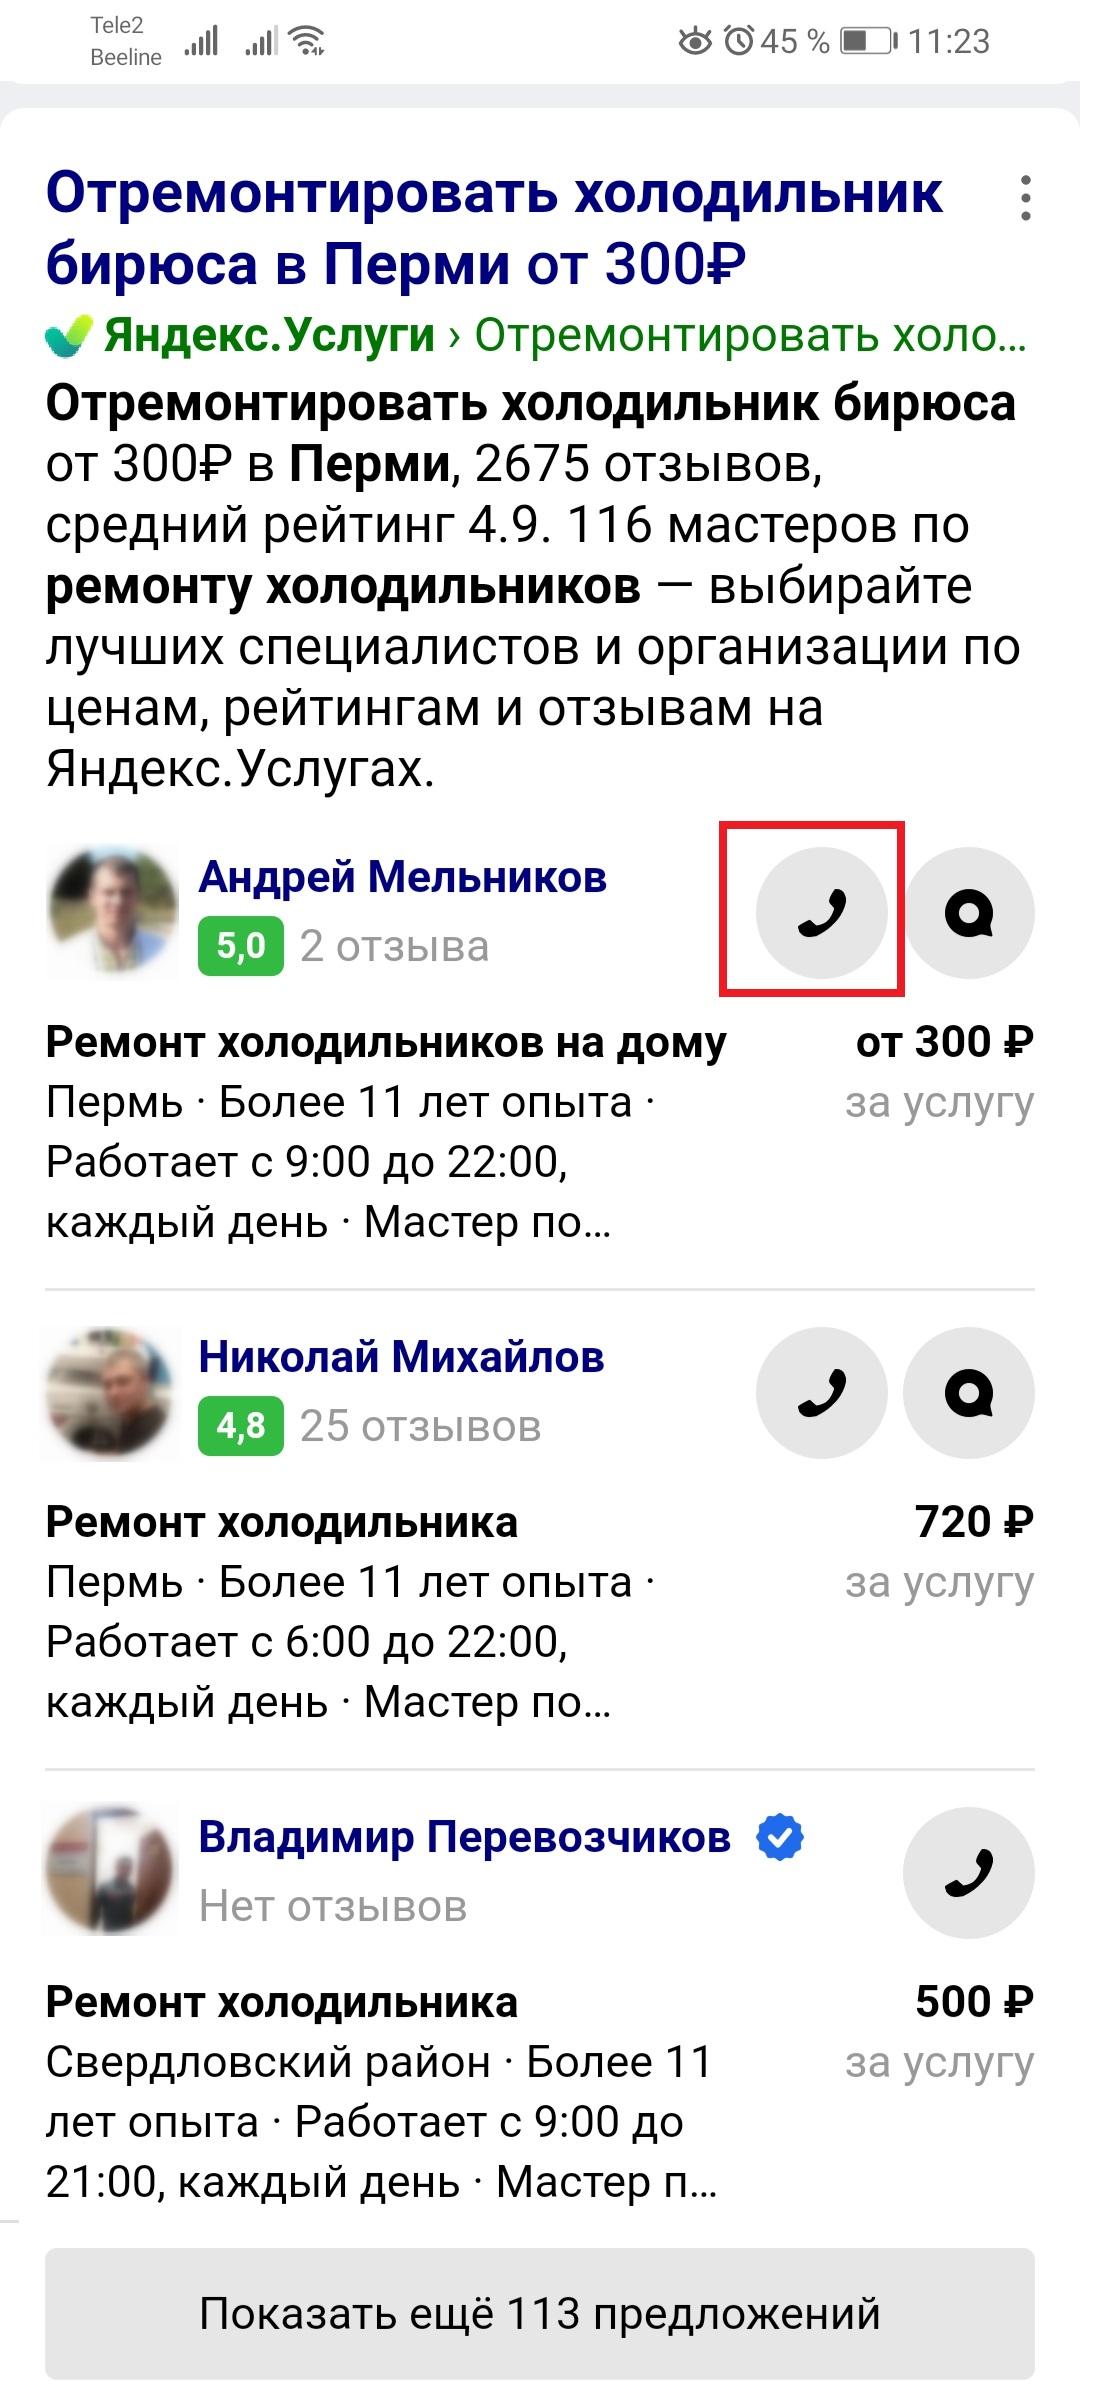 Яндекс Услуги – пример мобильной выдачи